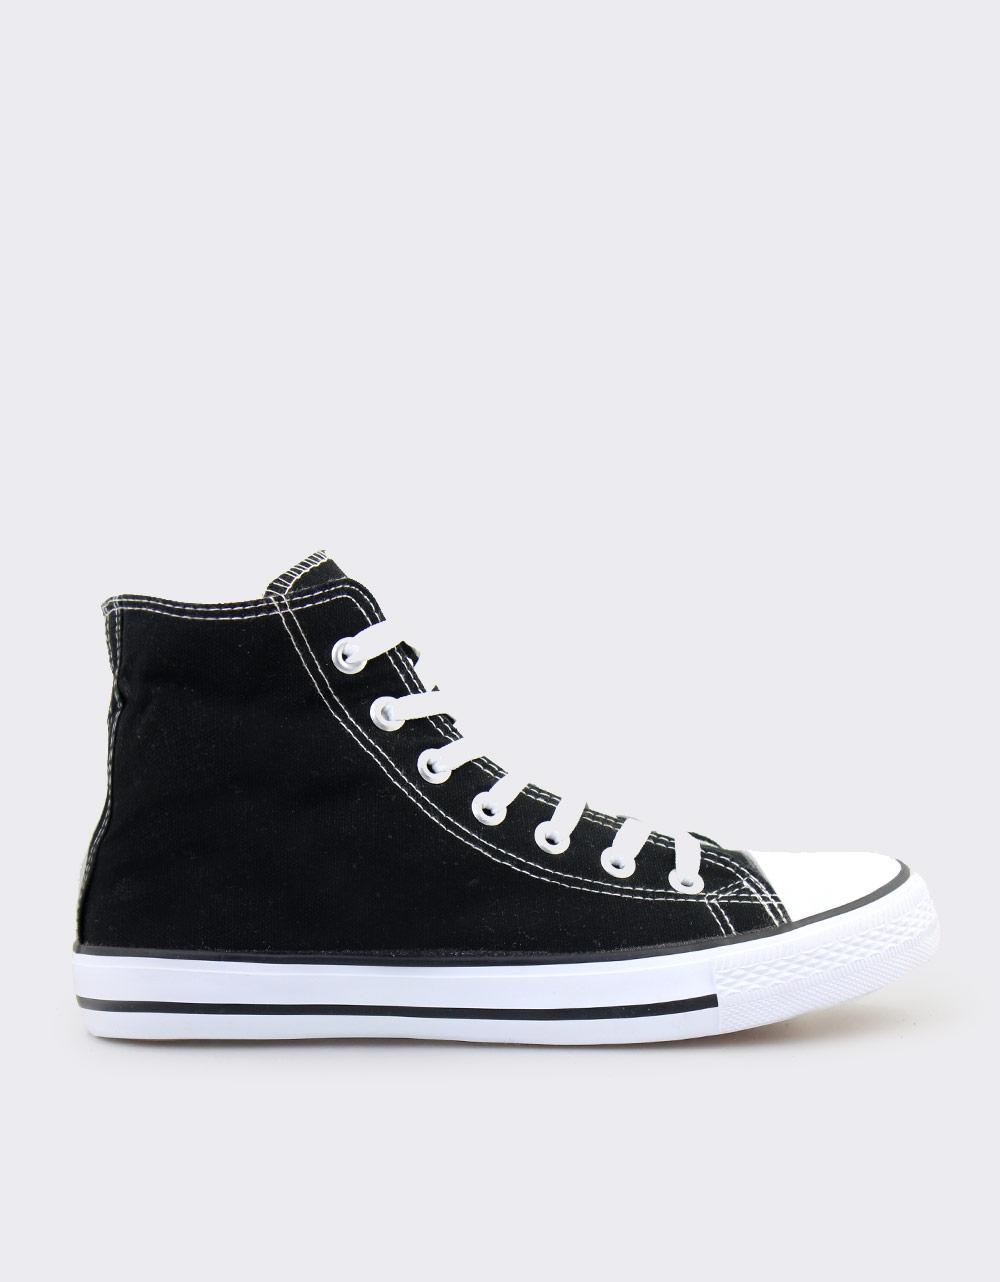 Εικόνα από Ανδρικά sneakers υφασμάτινα με ρίγα στη σόλα Μαύρο